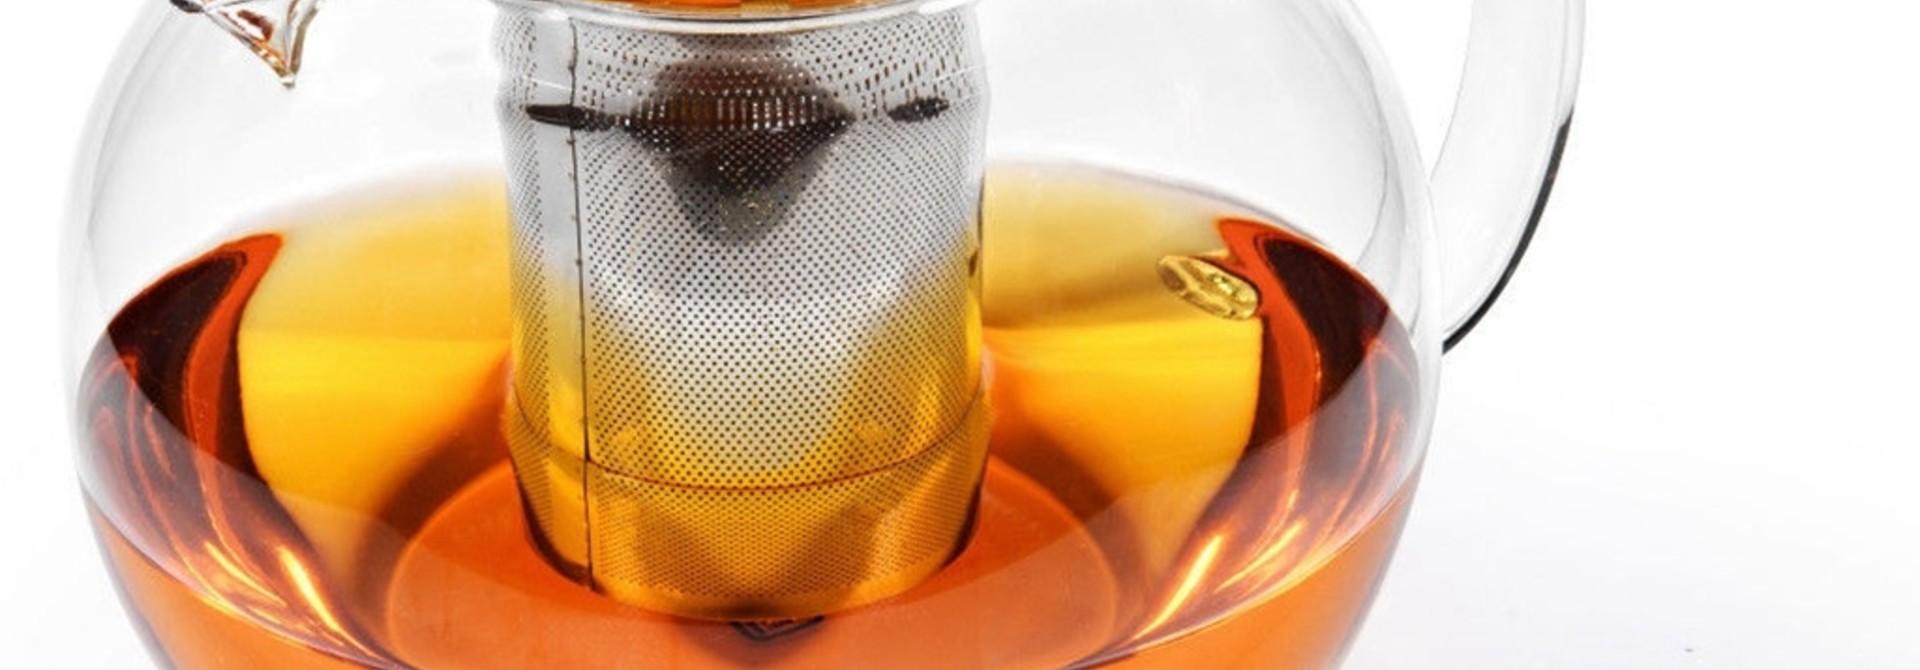 Théière en verre avec filtre métallique 950ml